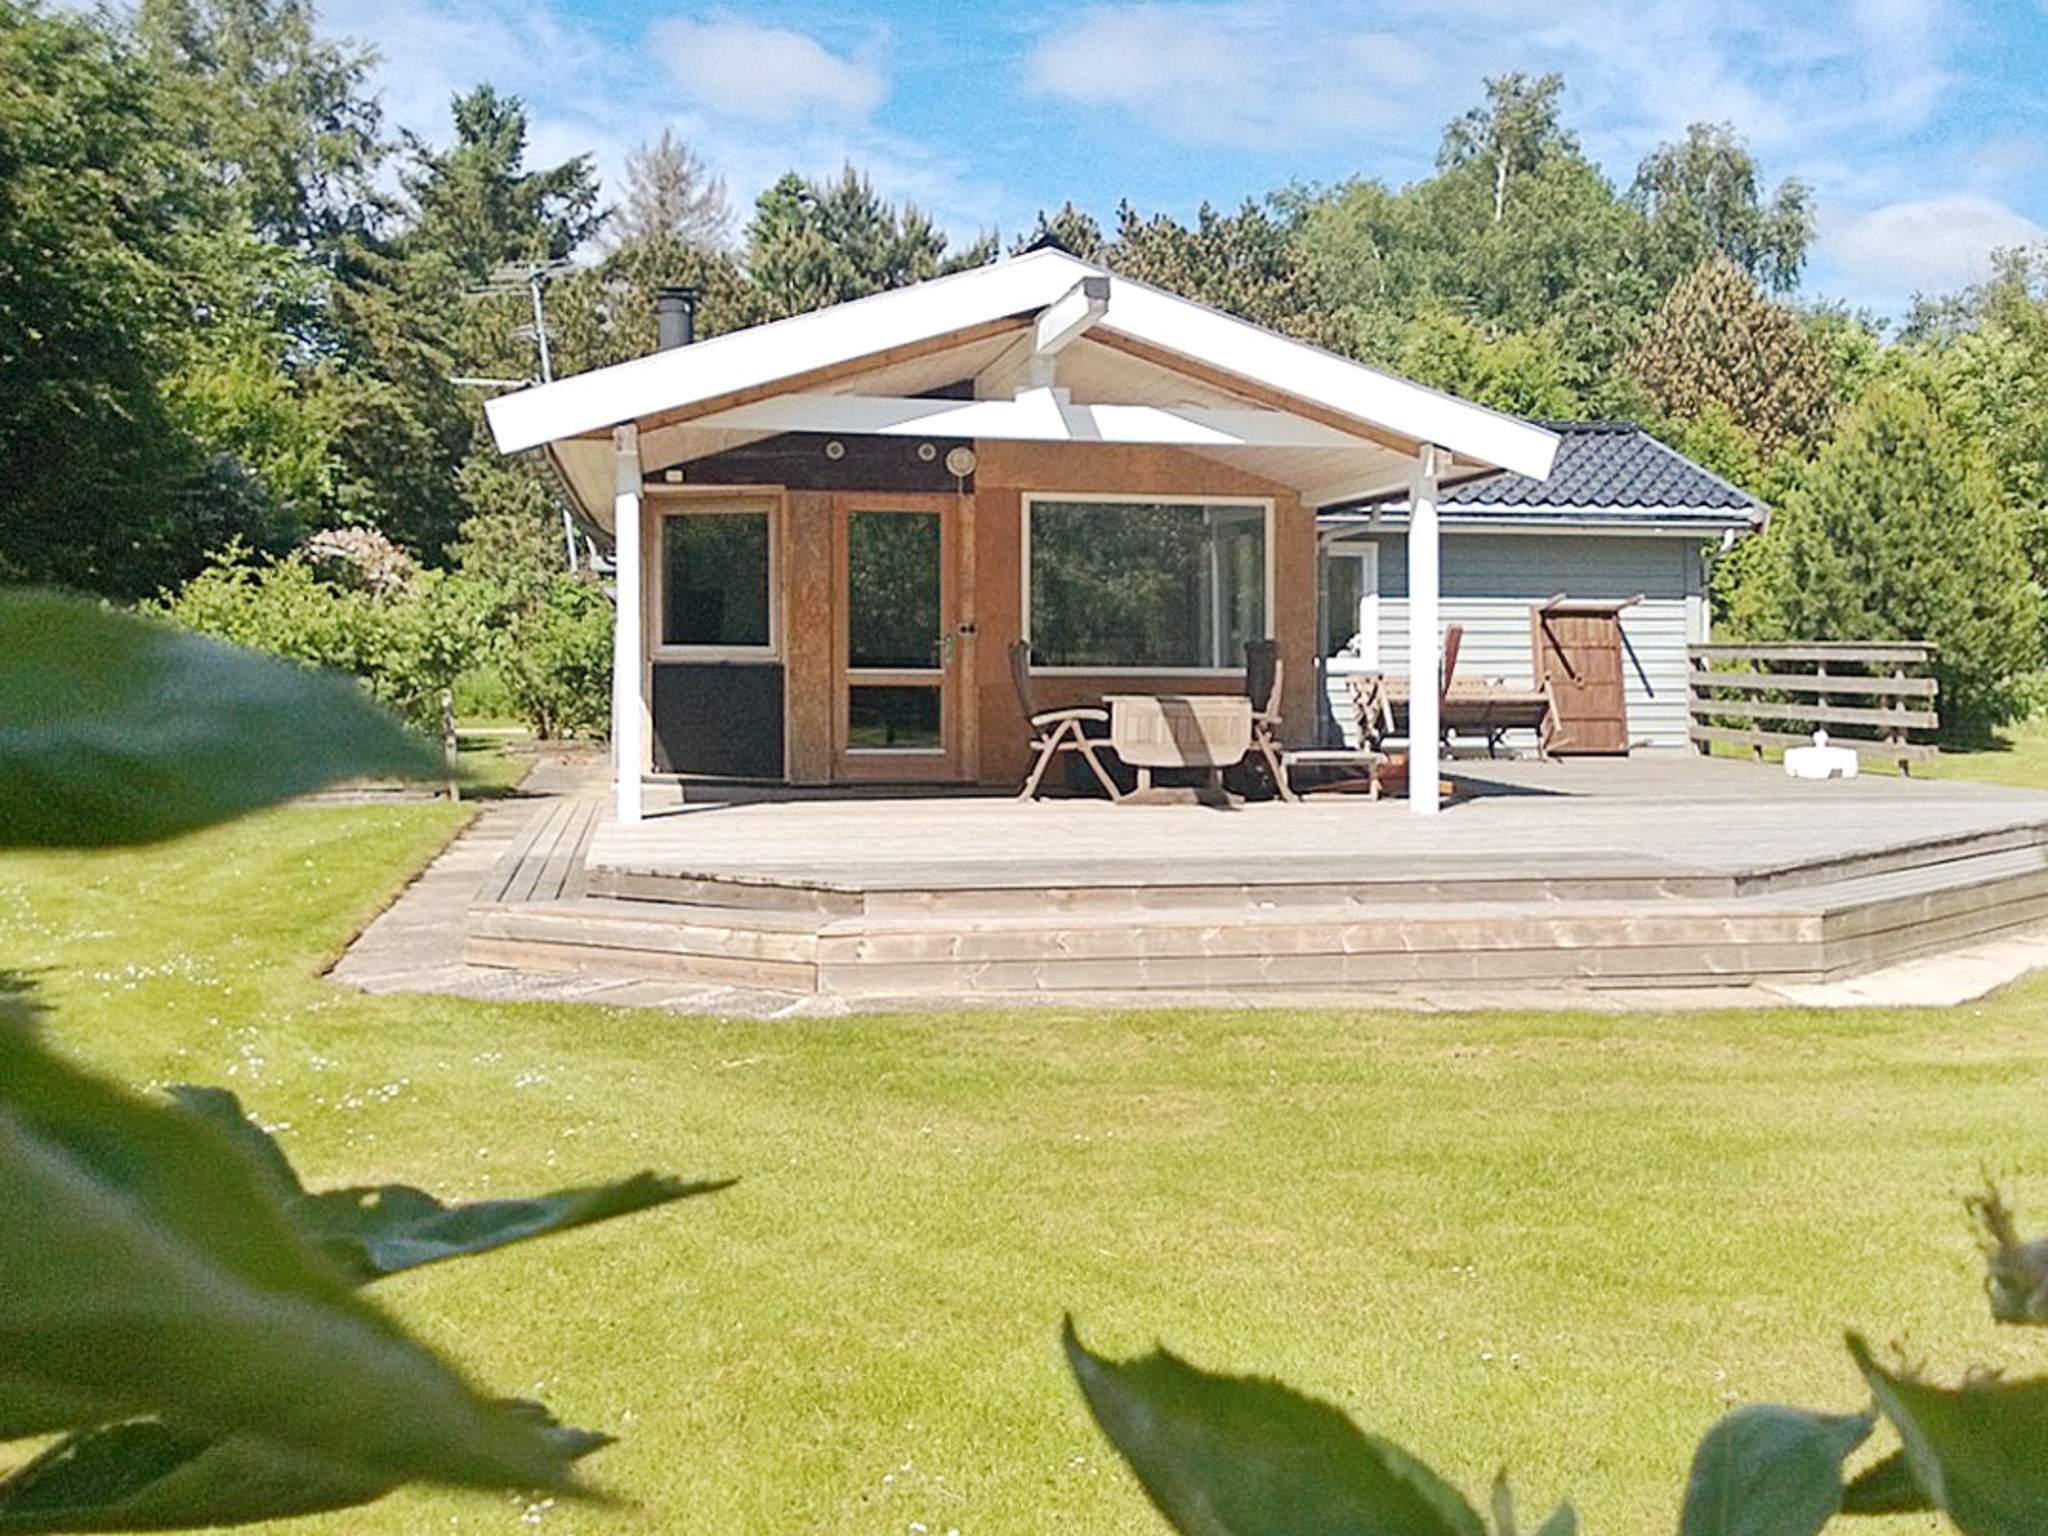 Ferienhaus Hummingen (89267), Hummingen, , Lolland, Dänemark, Bild 13